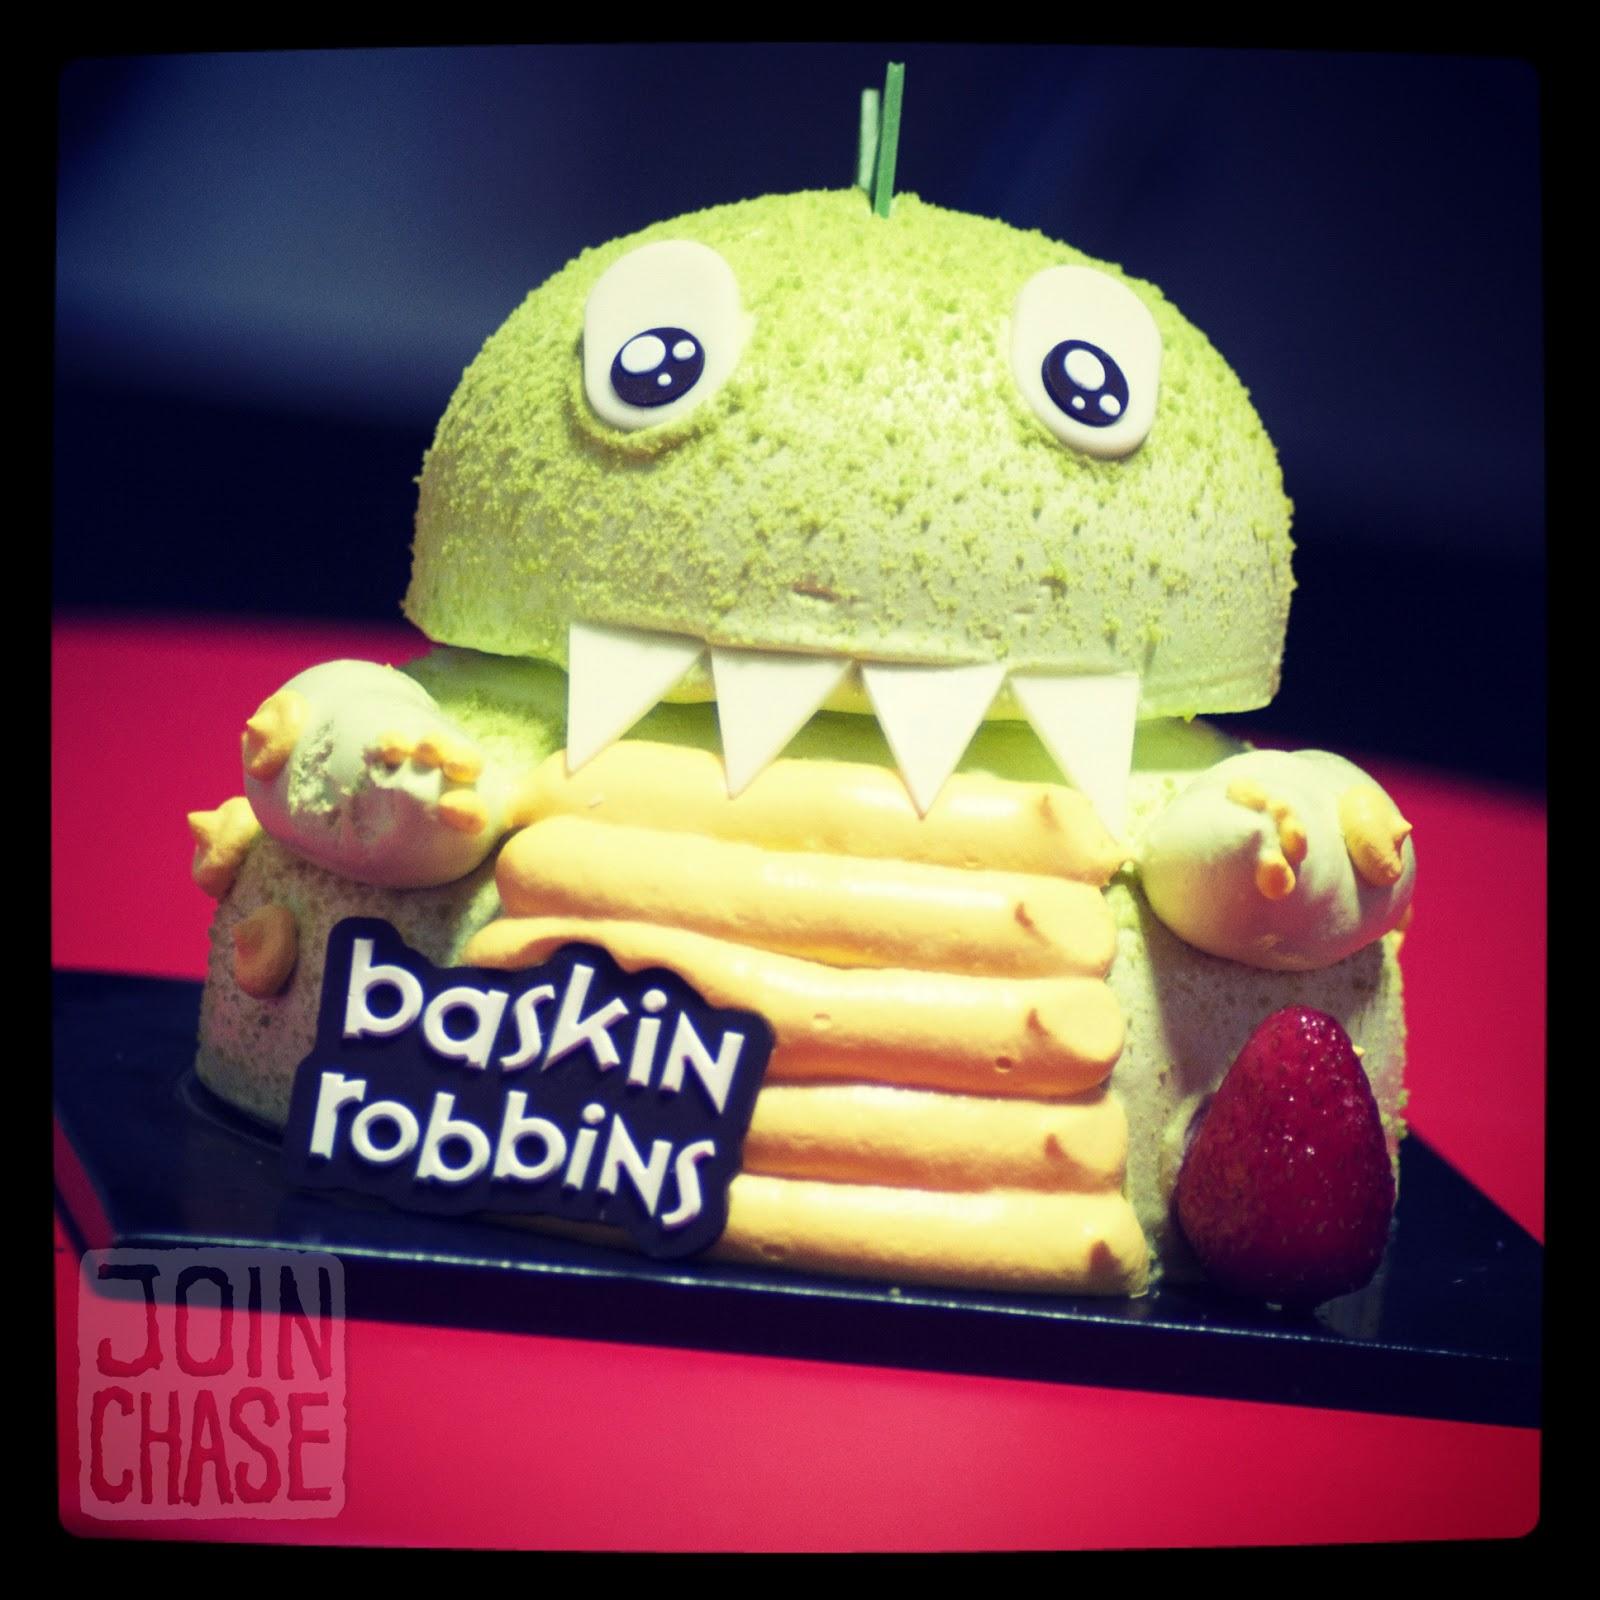 Dinosaur Ice Cream Cake Baskin Robbins